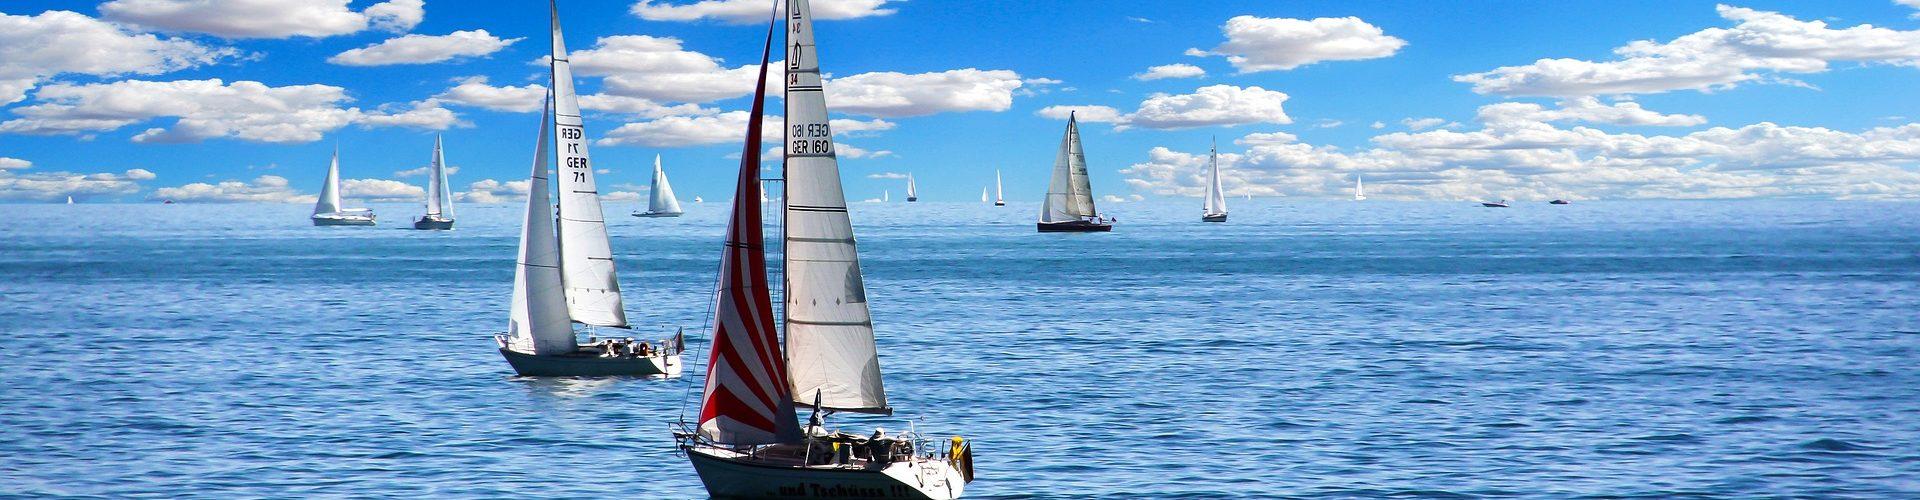 segeln lernen in Rathenow segelschein machen in Rathenow 1920x500 - Segeln lernen in Rathenow